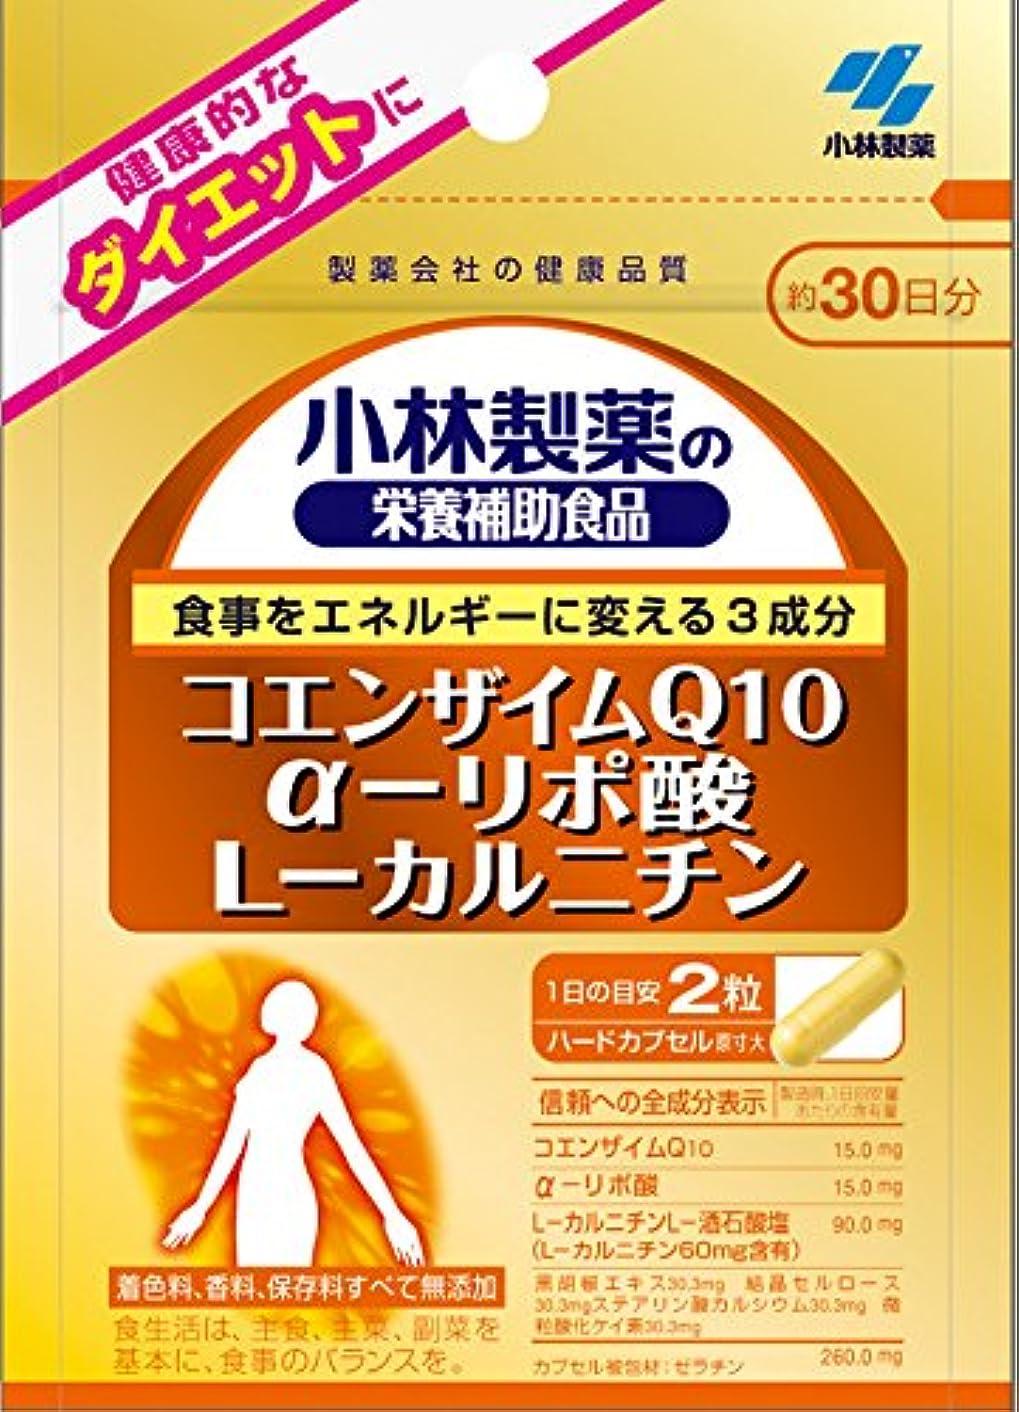 法廷後退する作ります小林製薬の栄養補助食品 コエンザイムQ10 α-リポ酸 L-カルニチン 約30日分 60粒